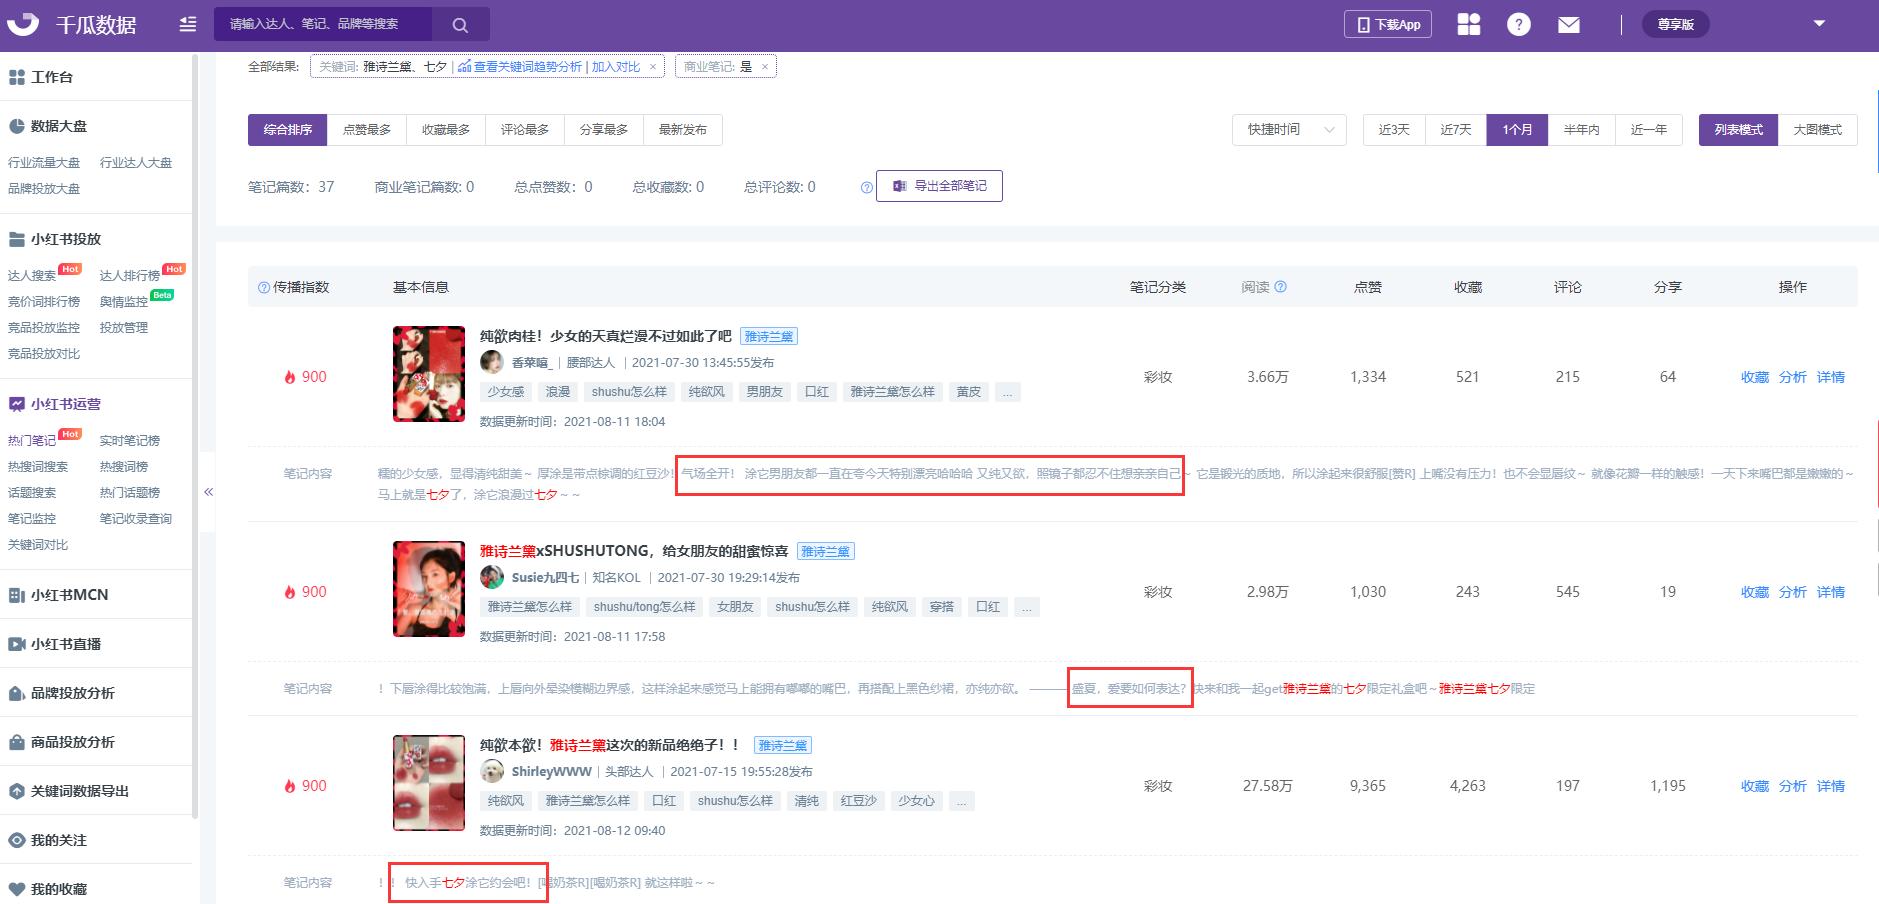 七夕小红书投放数据!品牌营销洞察